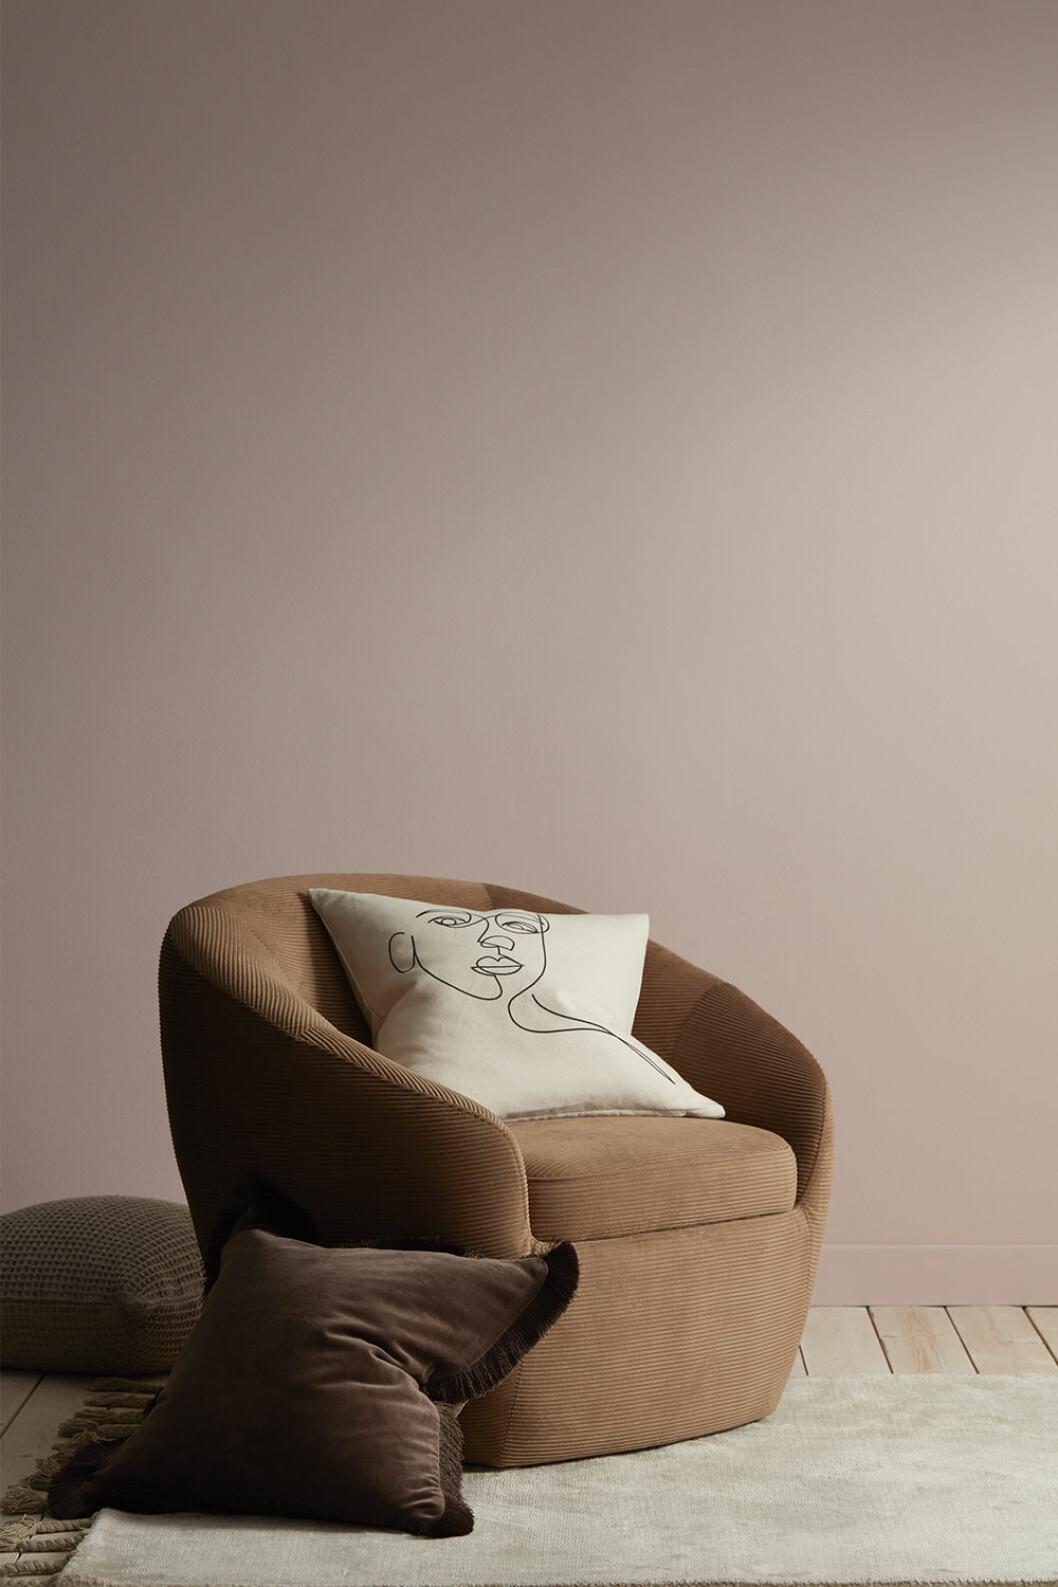 Fåtölj utan ben placerad direkt på golvet från Ellos Home